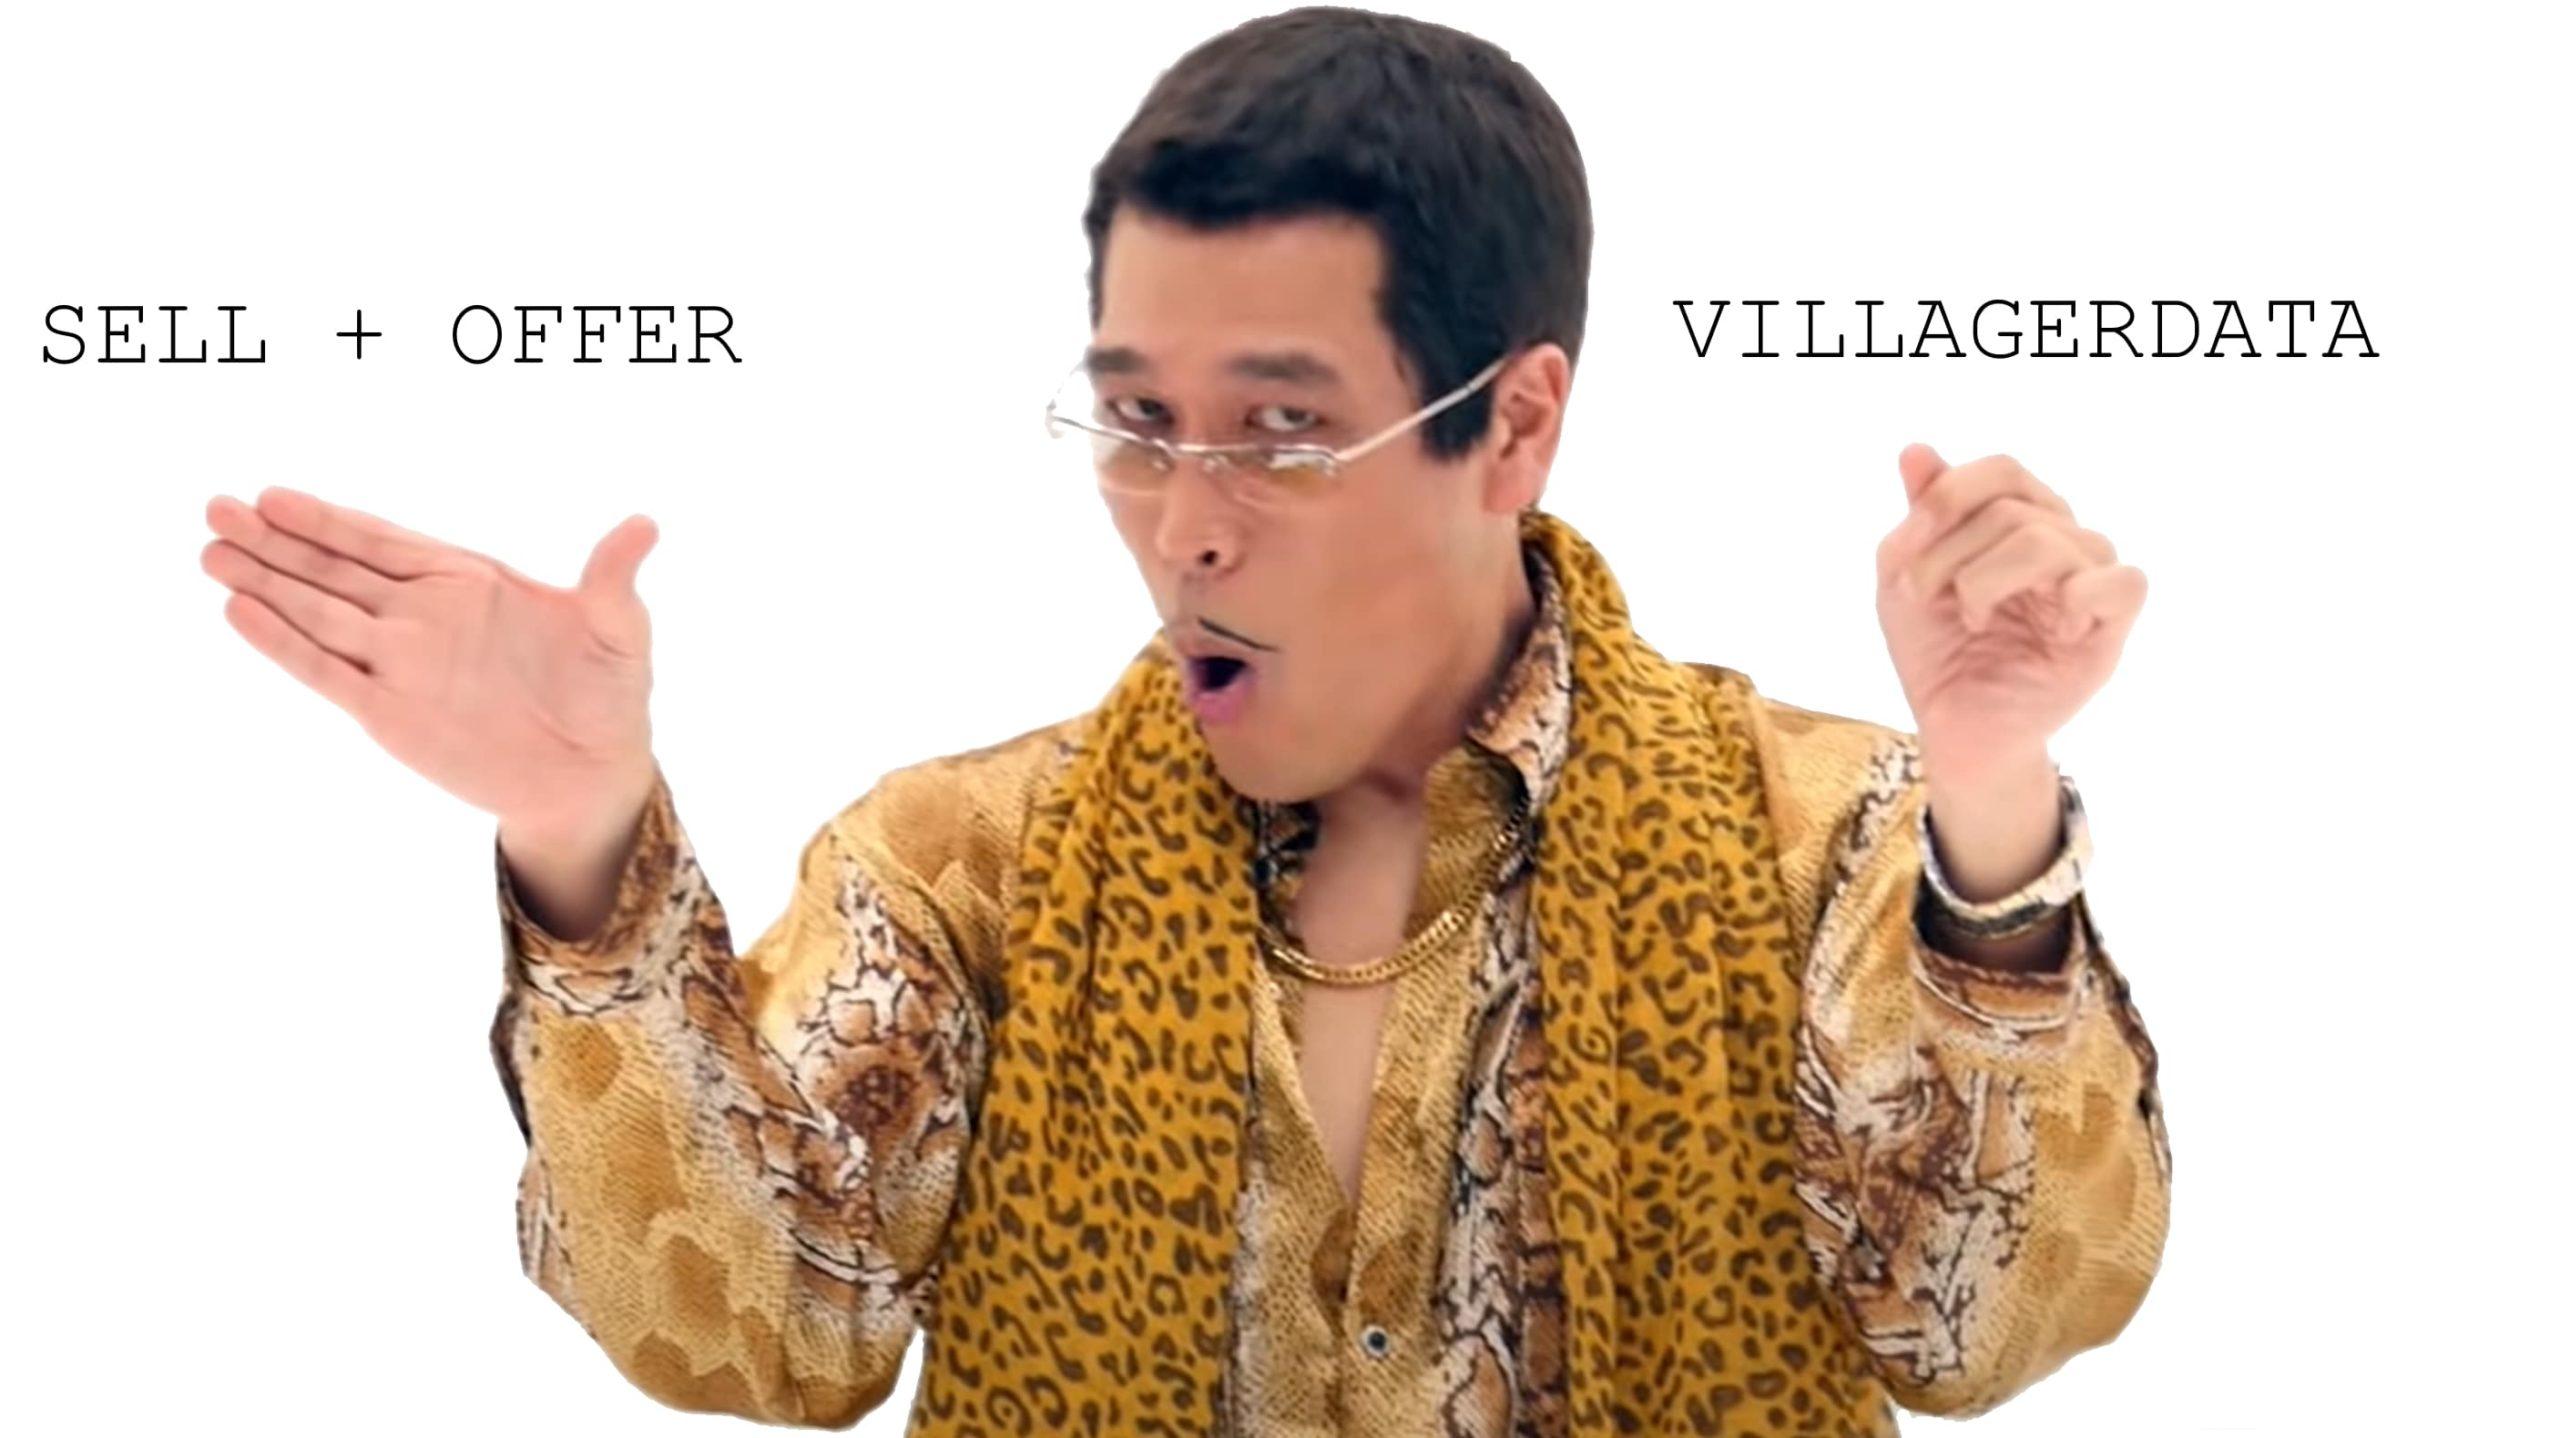 Schemino demenziale su come combinare scambi personalizzati e VillagerData in Minecraft.